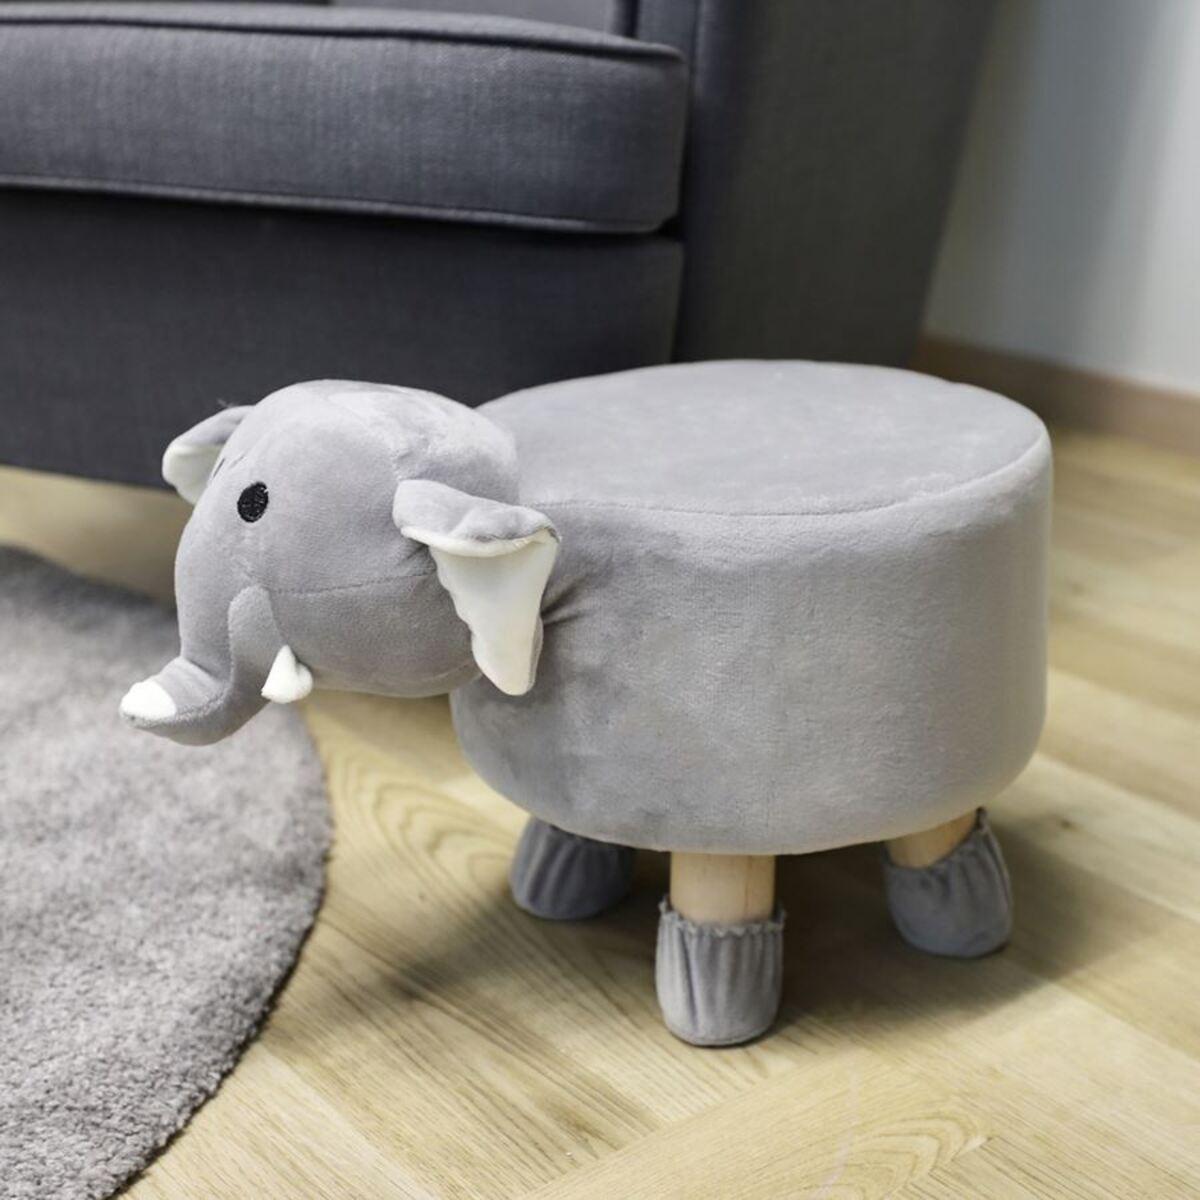 Bild 2 von Deko-Hocker Elefant mit 4 Beinen 28x35x40cm